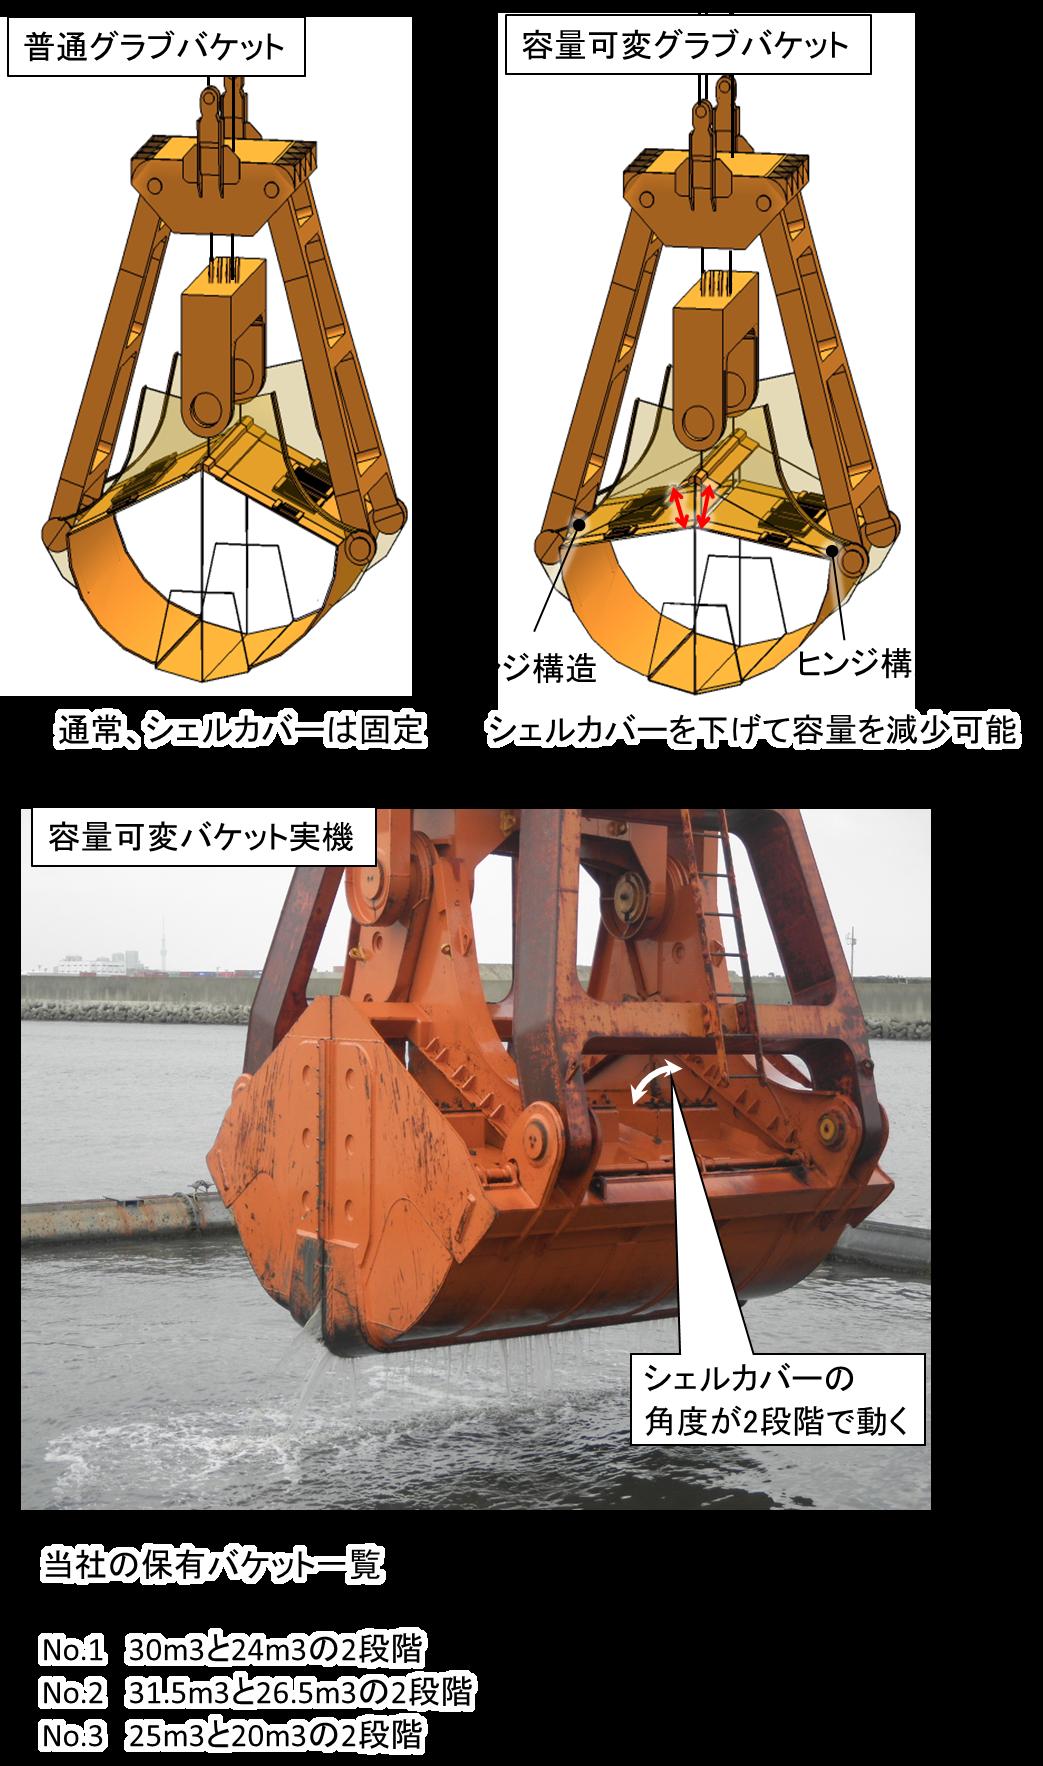 容量可変グラブバケット工法(NETIS番号:CBK-160002-A)